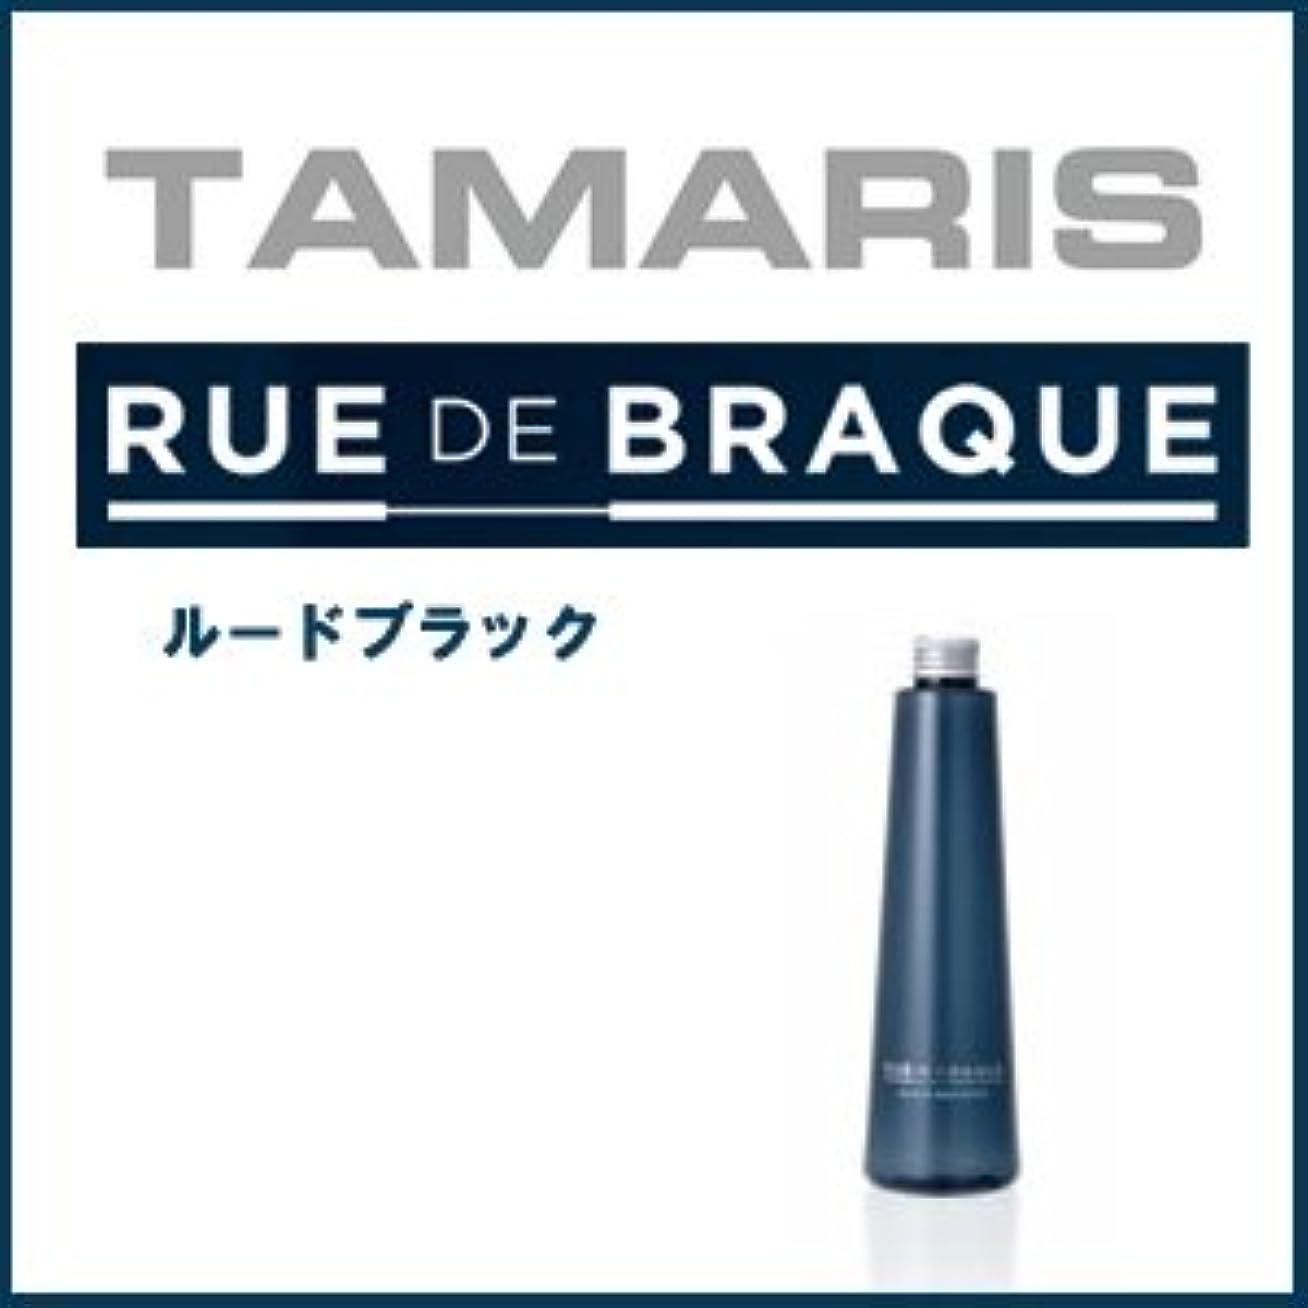 ビーム変わる反乱【X2個セット】 タマリス ルードブラック スキャルプシャンプー 300ml 容器入り